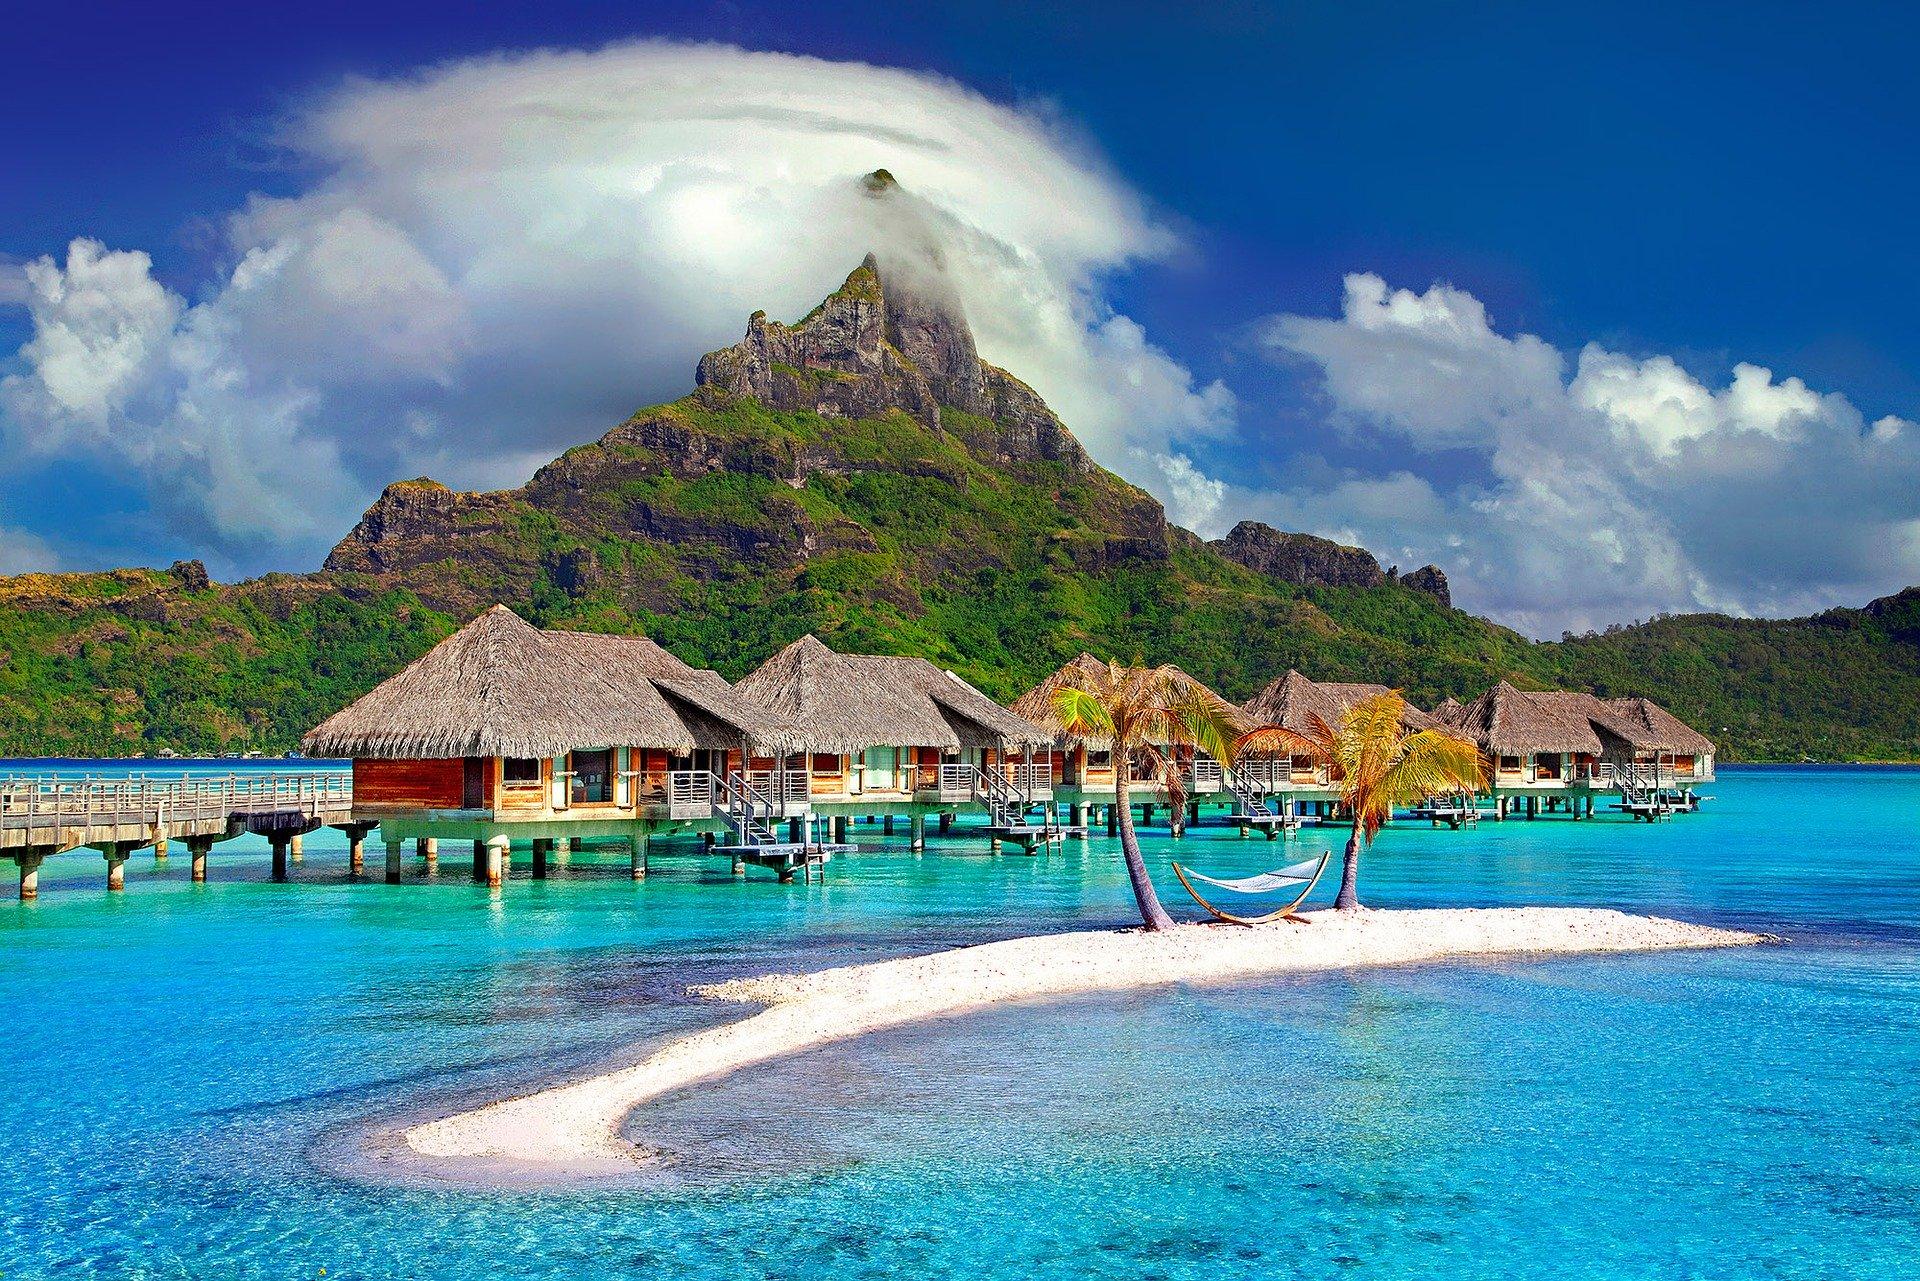 Vacanza nei Caraibi: Spiaggia, mare e natura - Le più belle isole di questa paradisiaca destinazione turistica